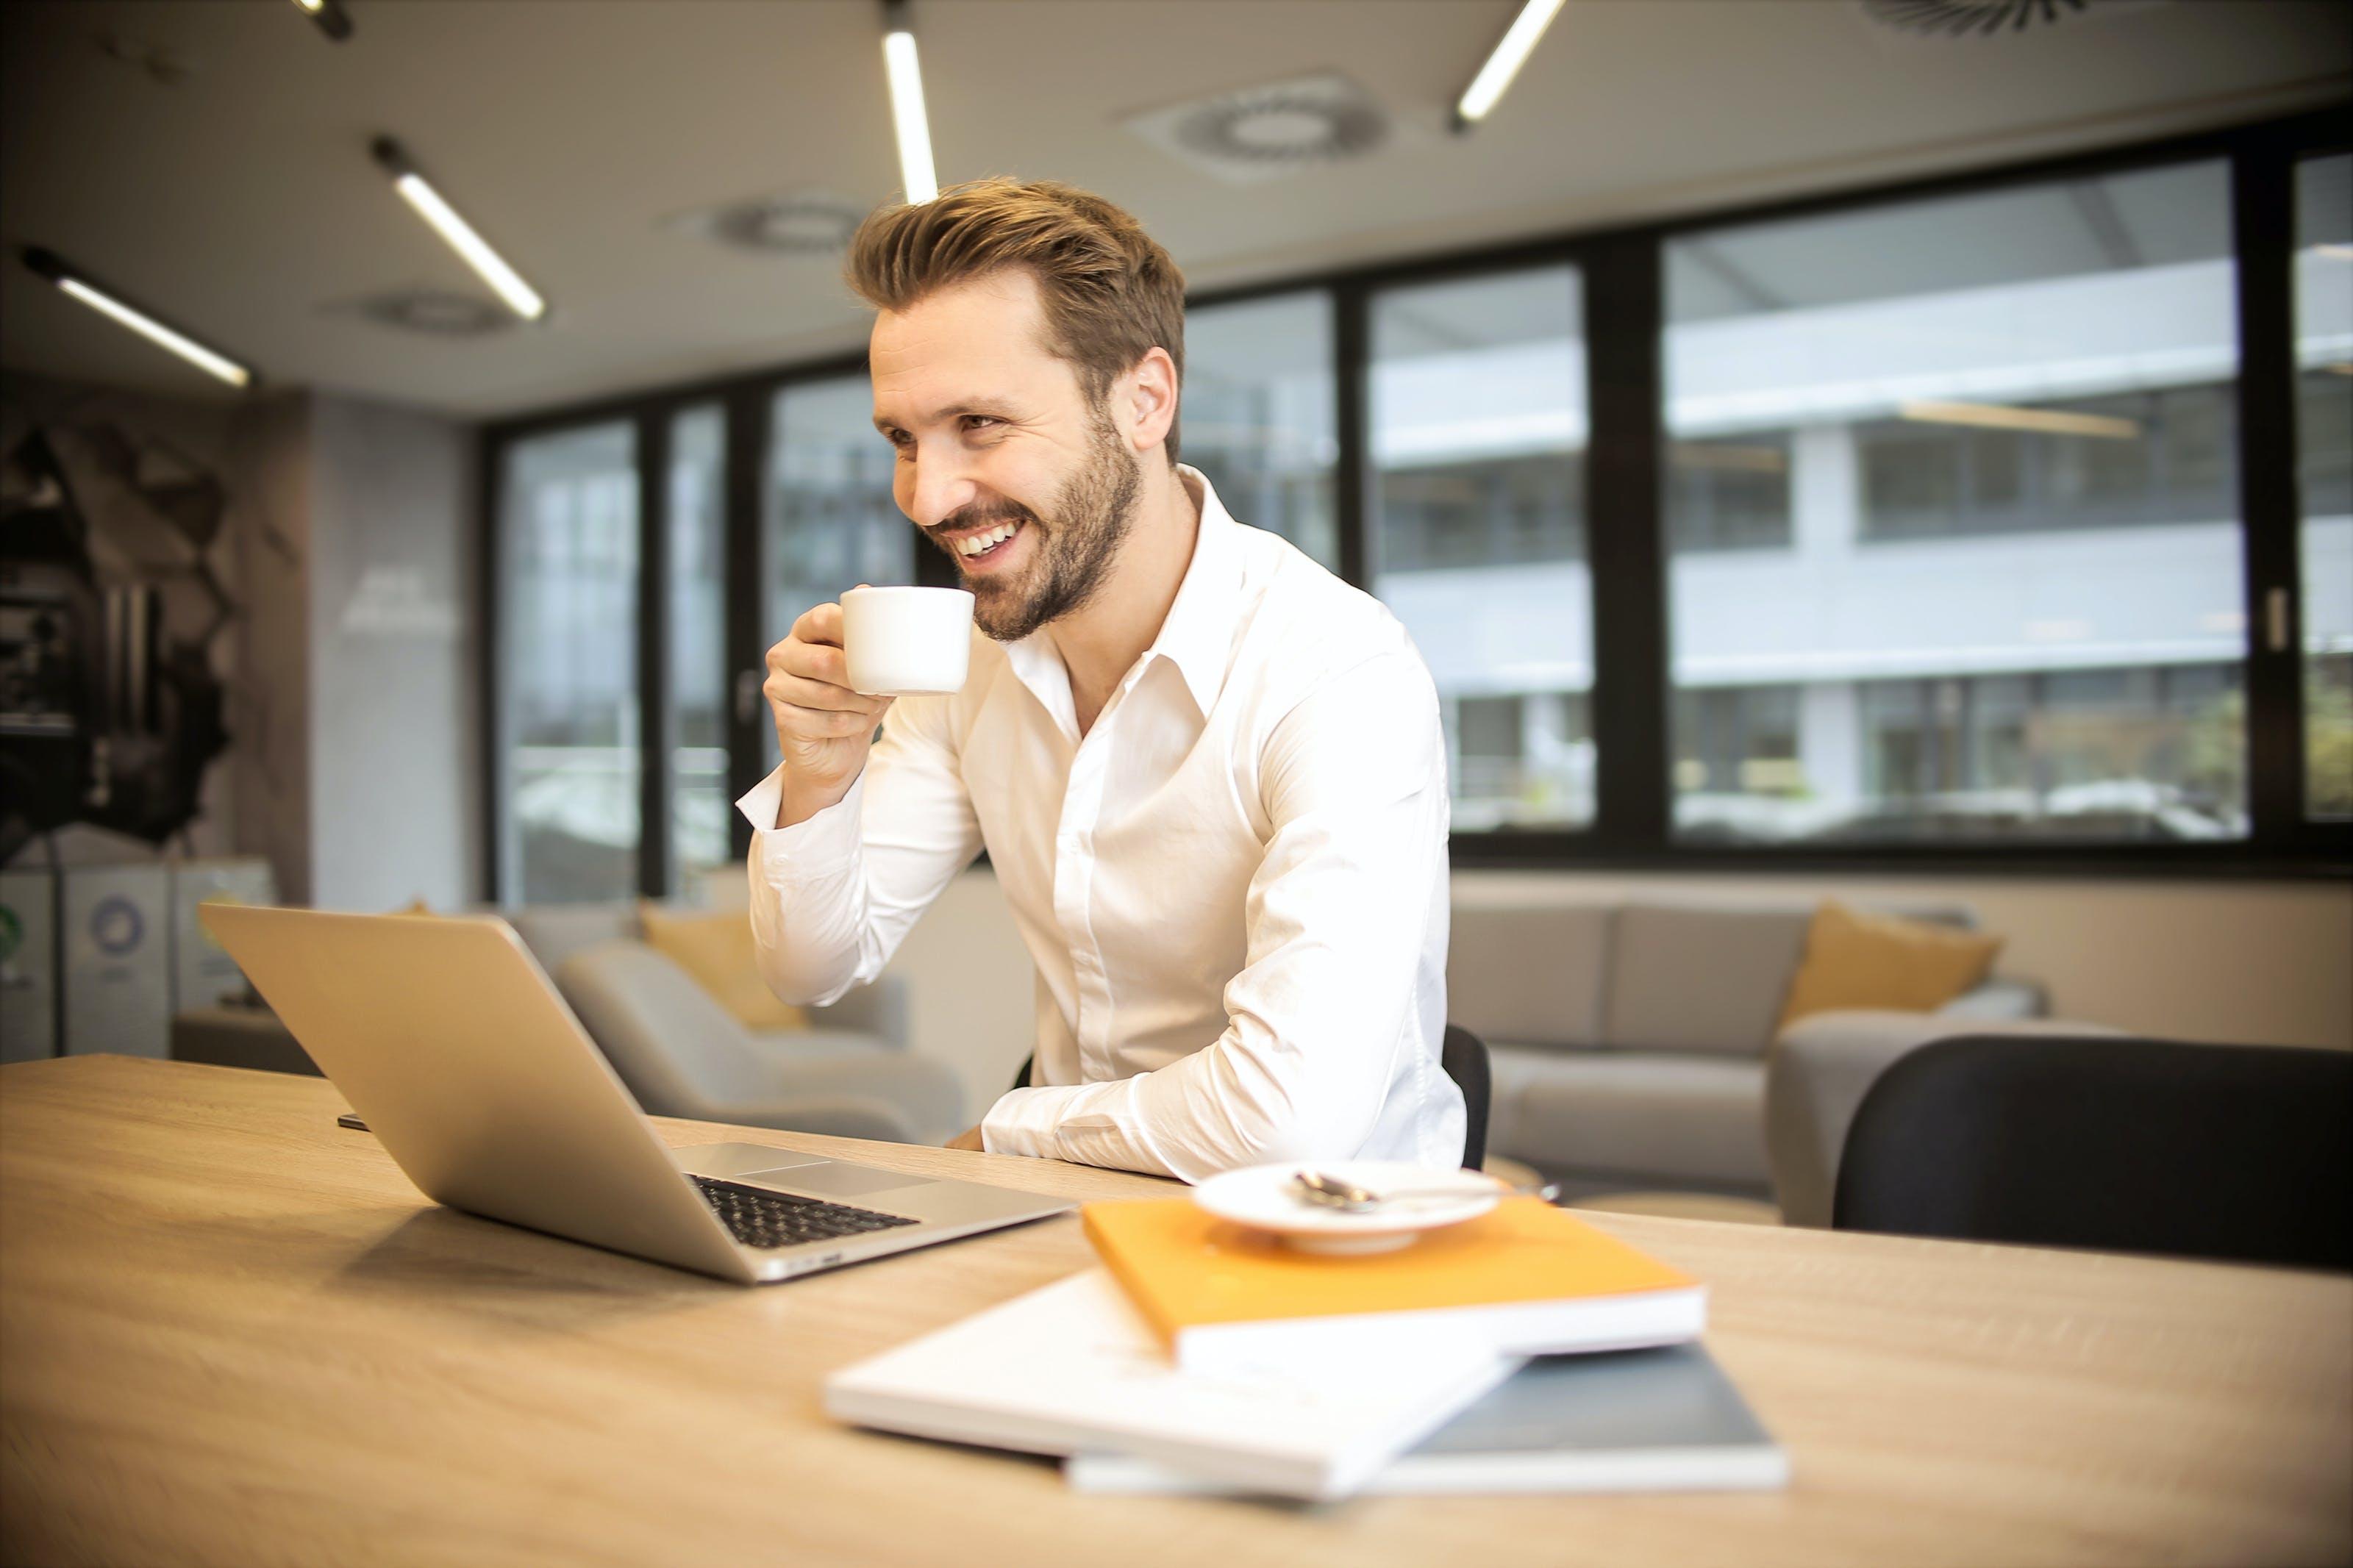 Kostenloses Stock Foto zu mann, person, kaffee, löffel